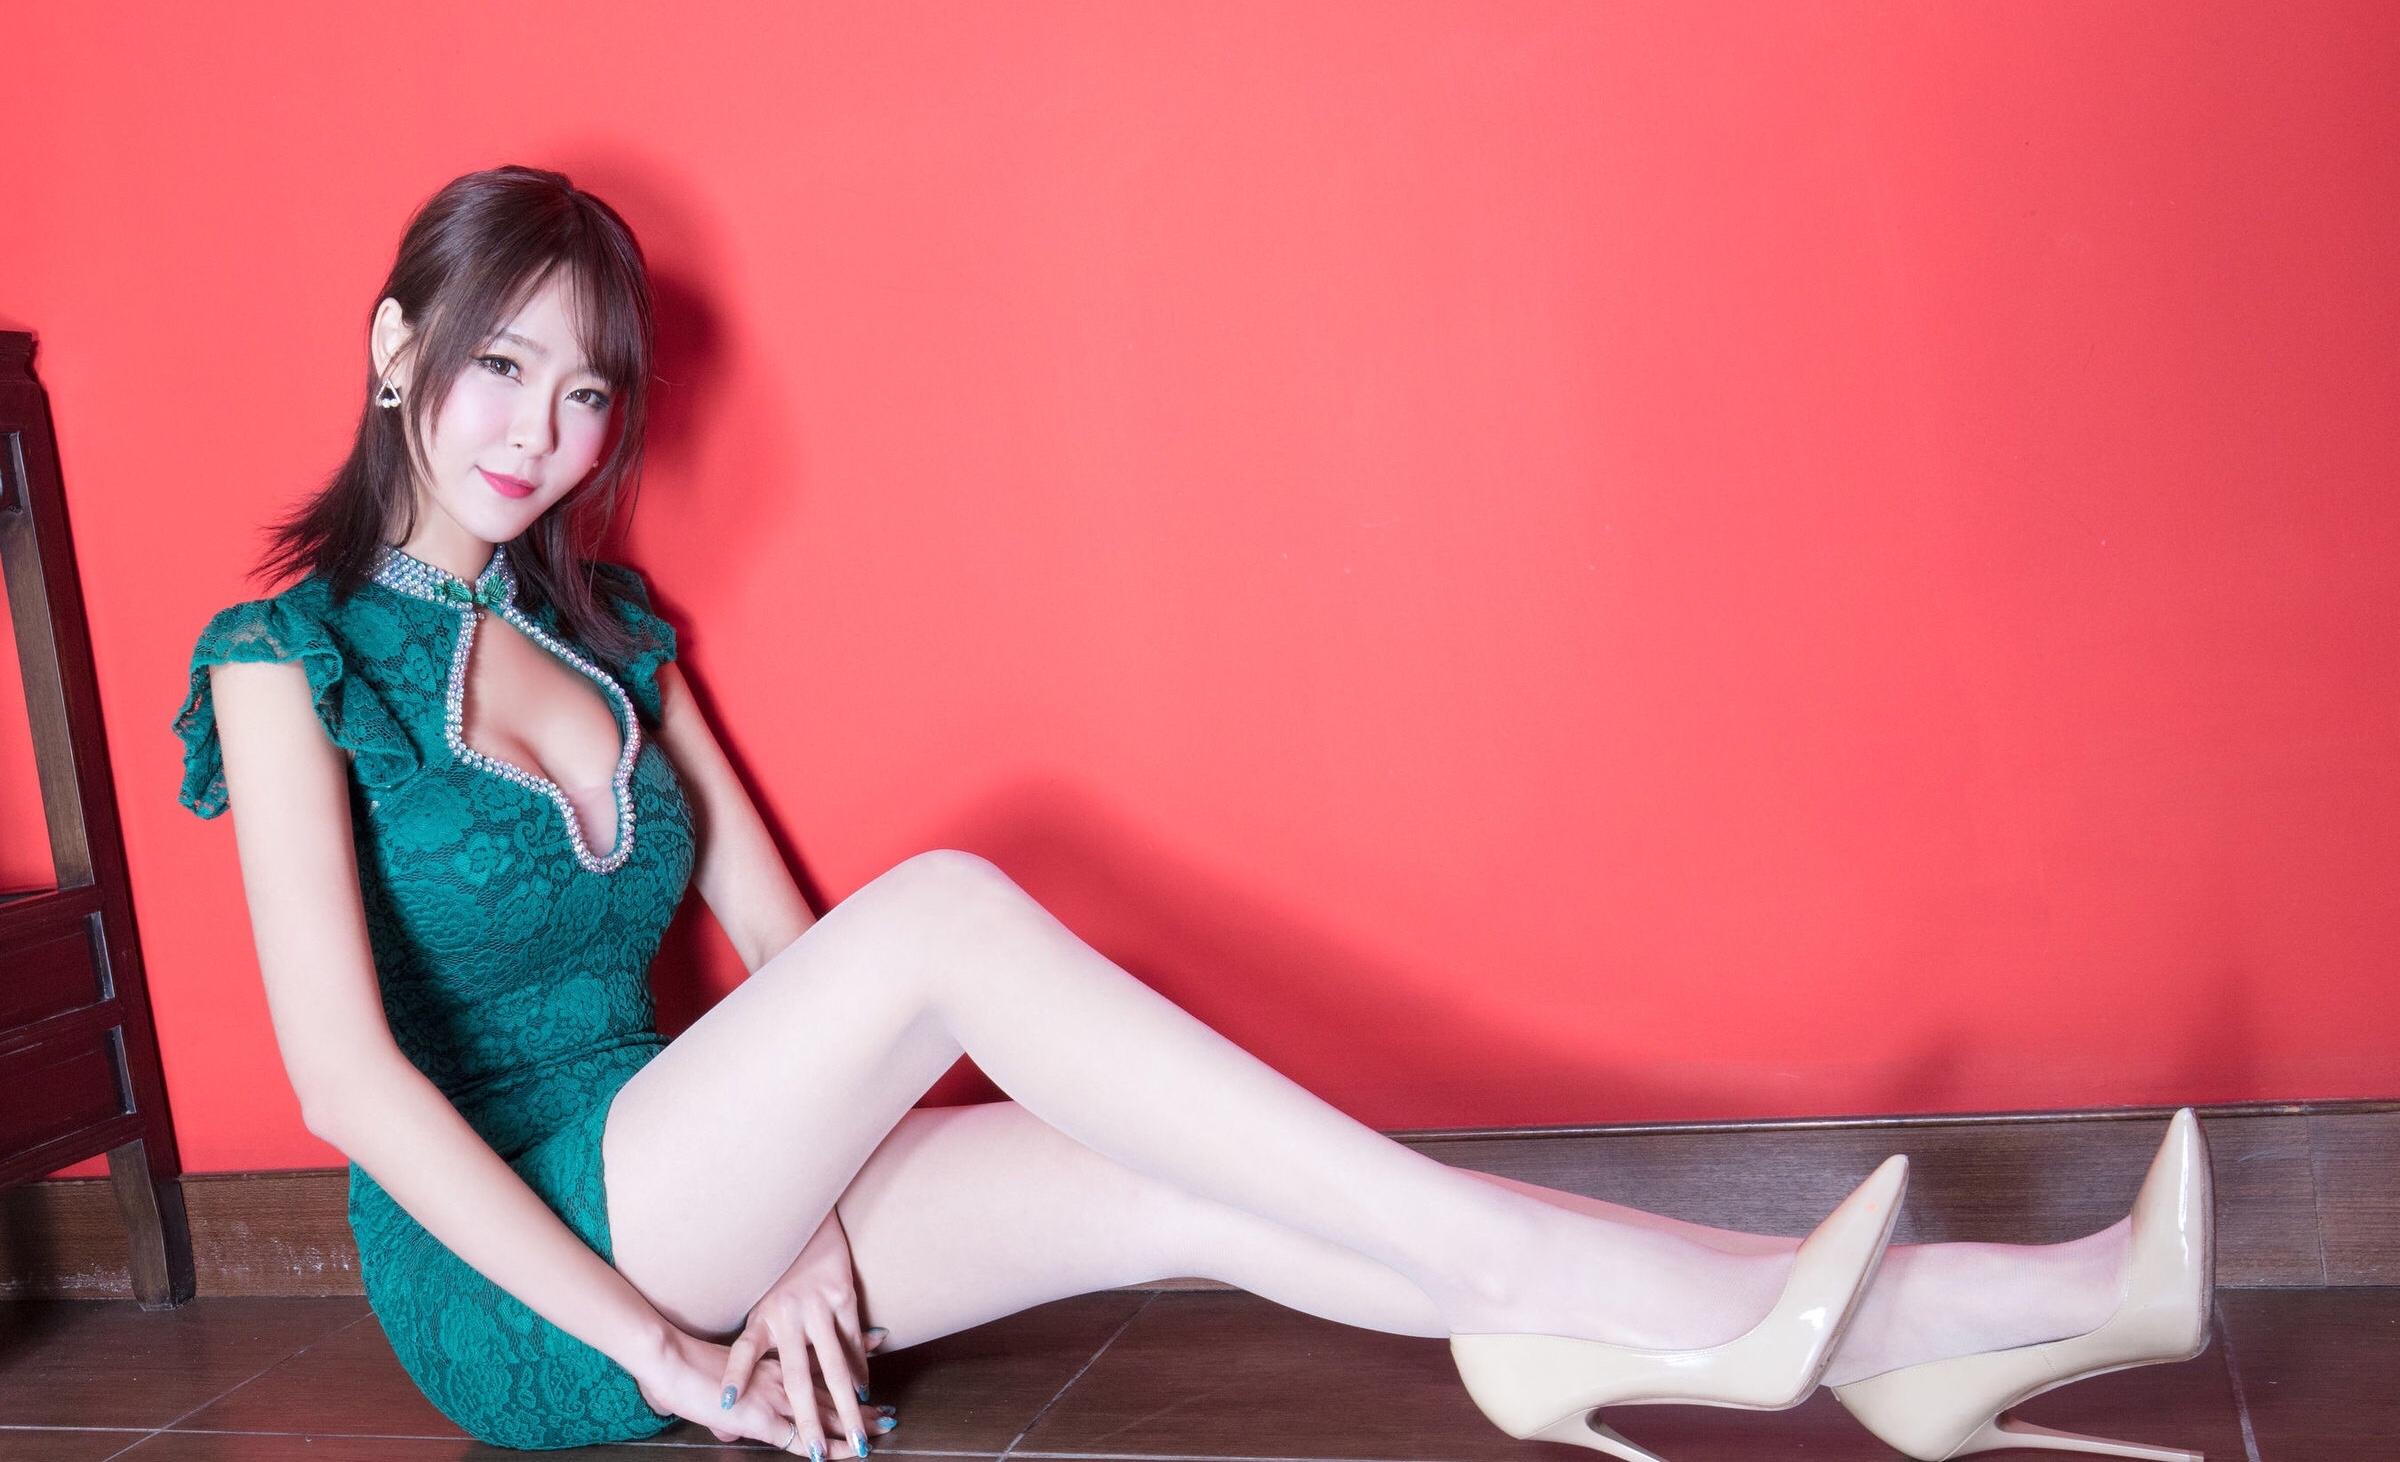 Winnie小雪(旗袍美腿) 18